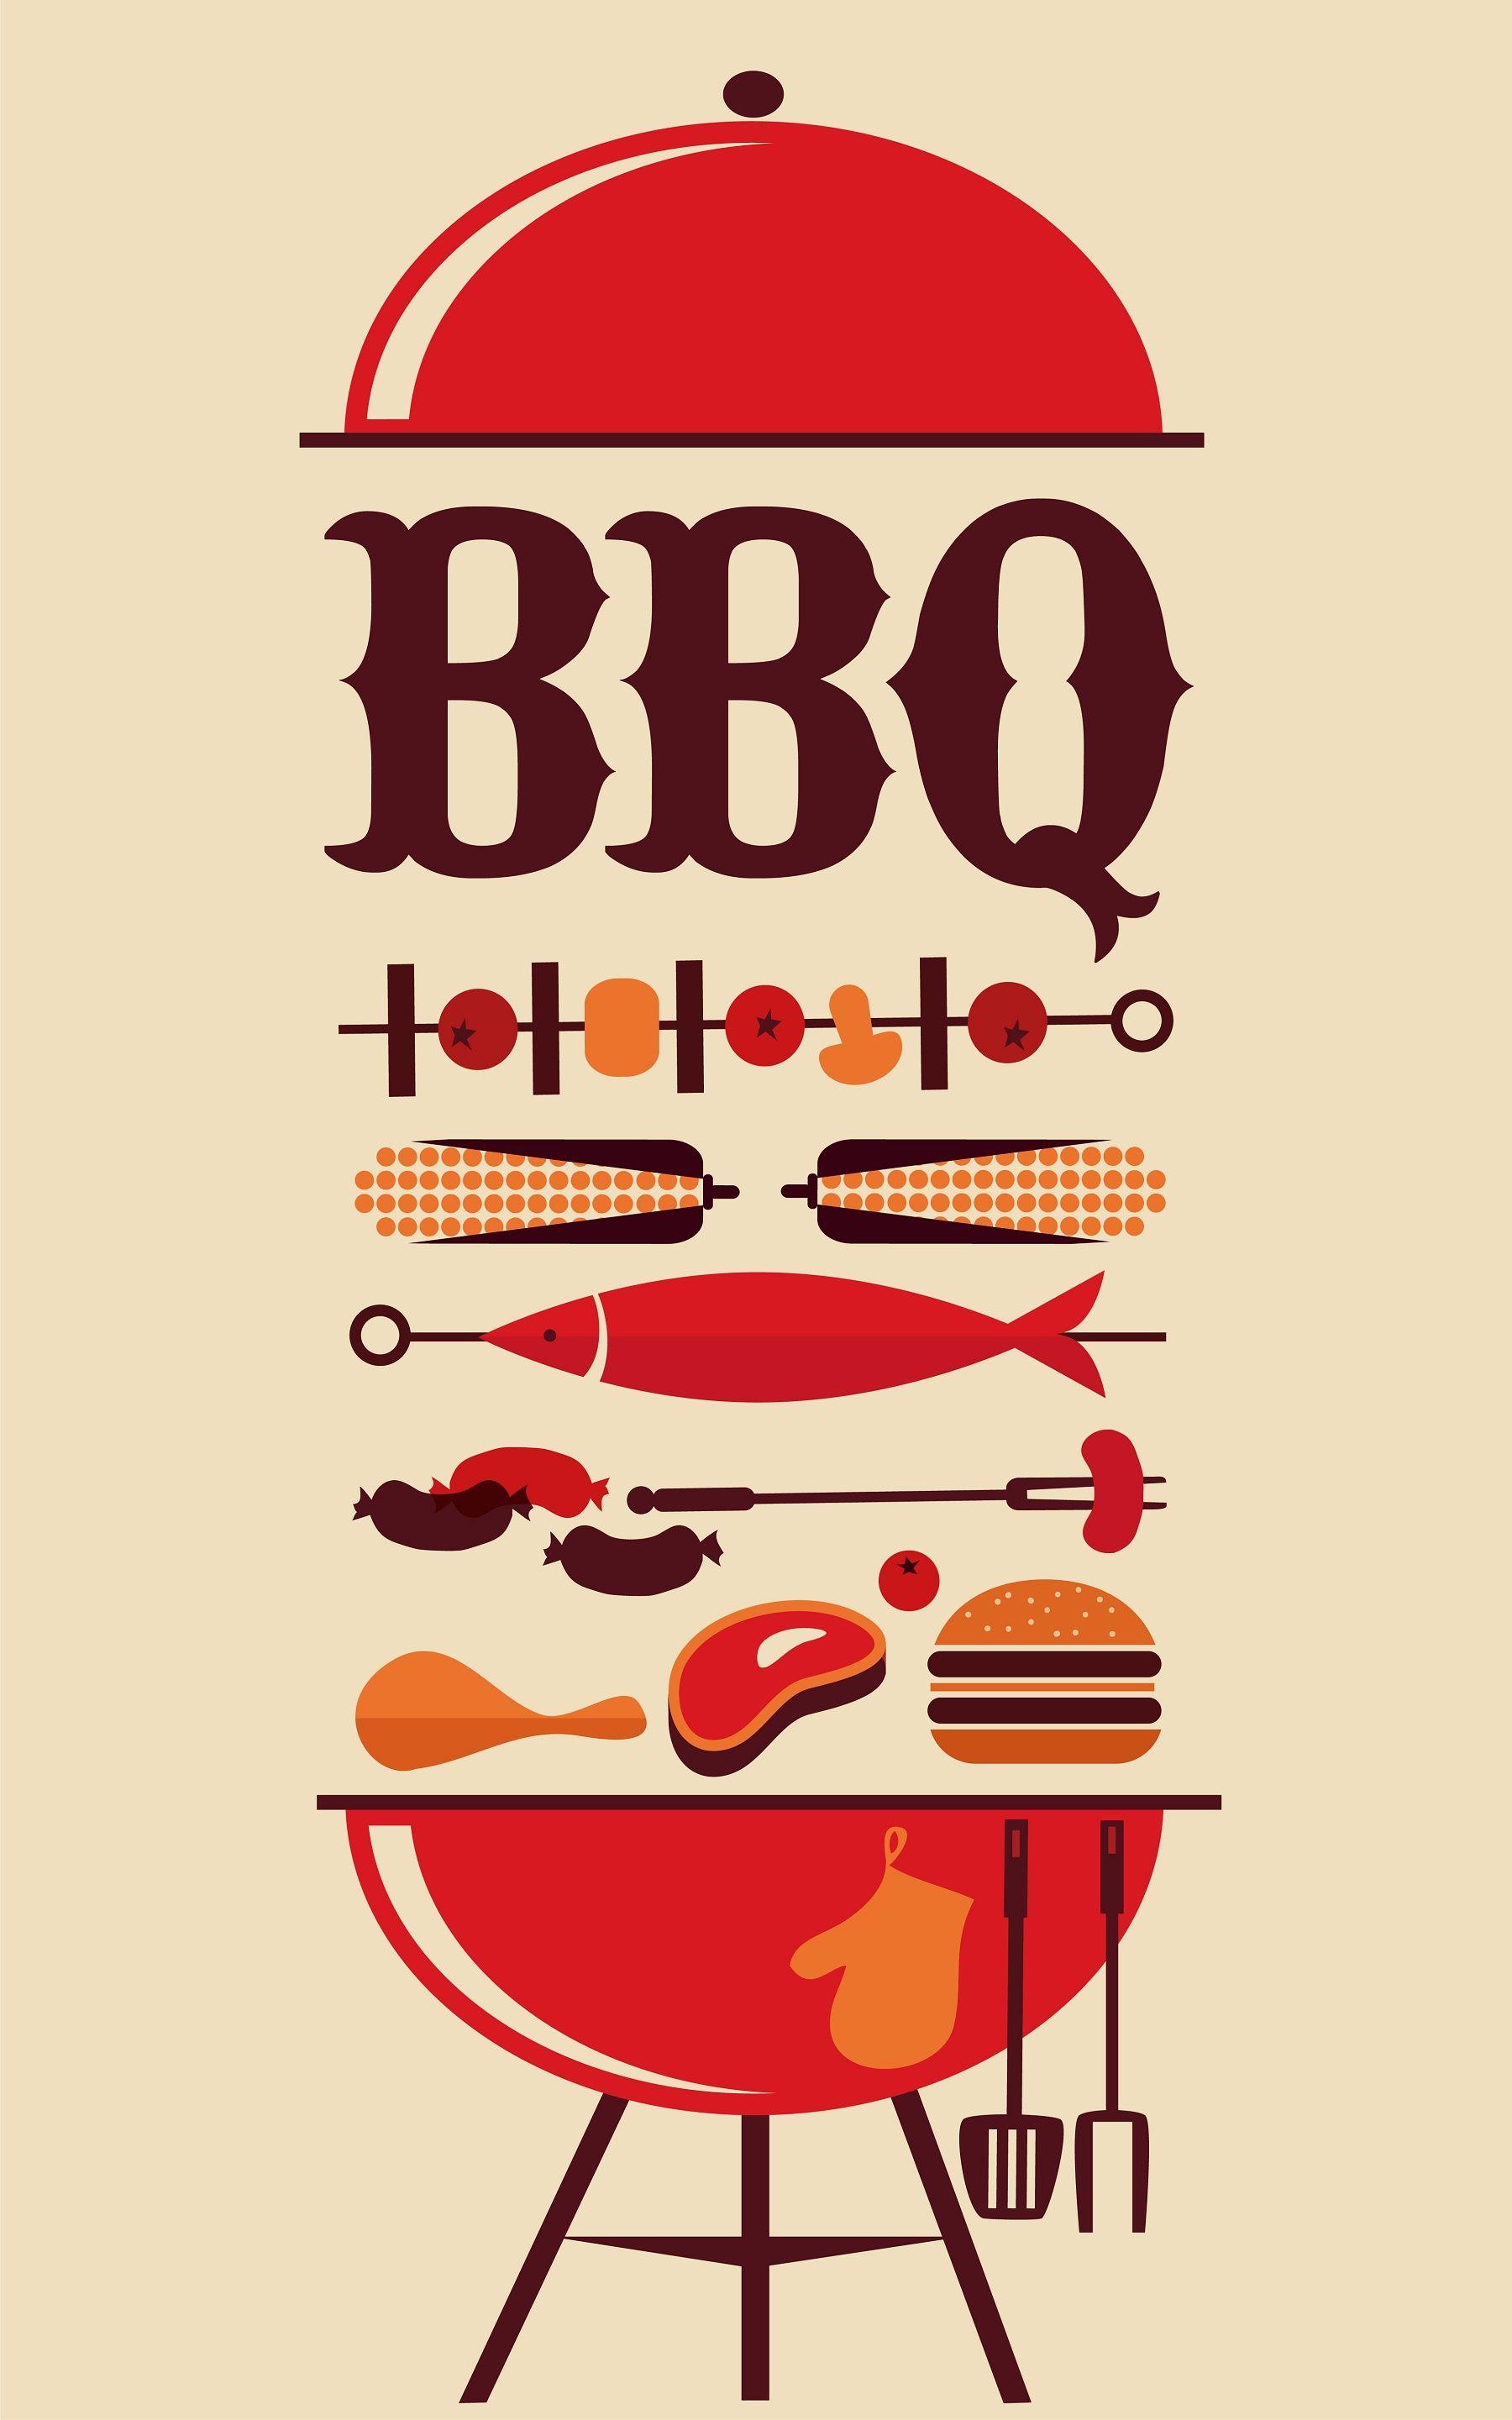 Cookout border clipart hot dog cookout invite stock vector art - Geef Je Een Barbecue En Wil Je Jouw Gasten Graag Op Originele Wijze Uitnodigen Print